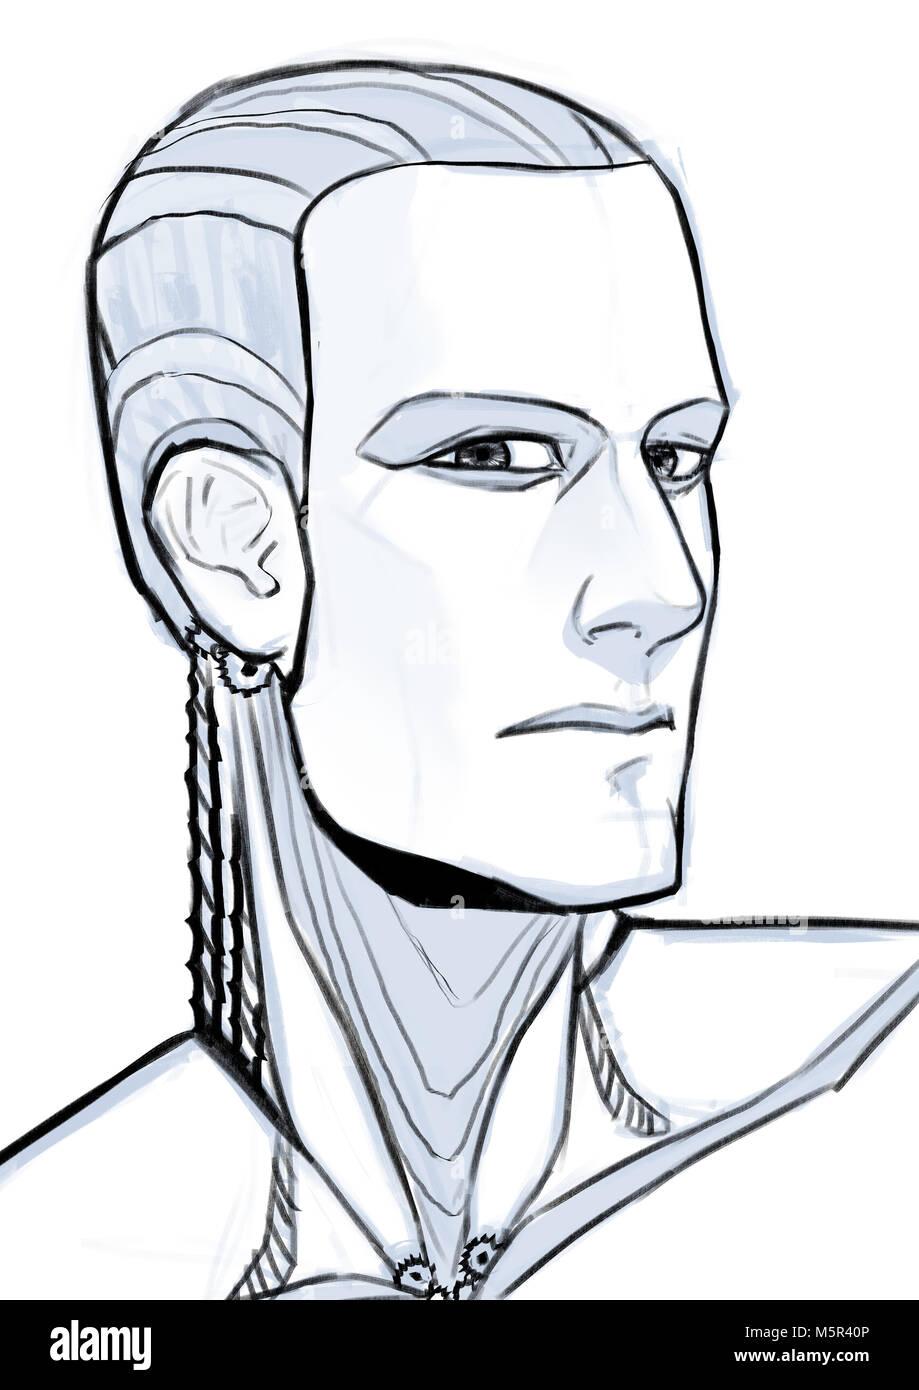 Futuristic cyborg illustration portrait isolated at white background - Stock Image